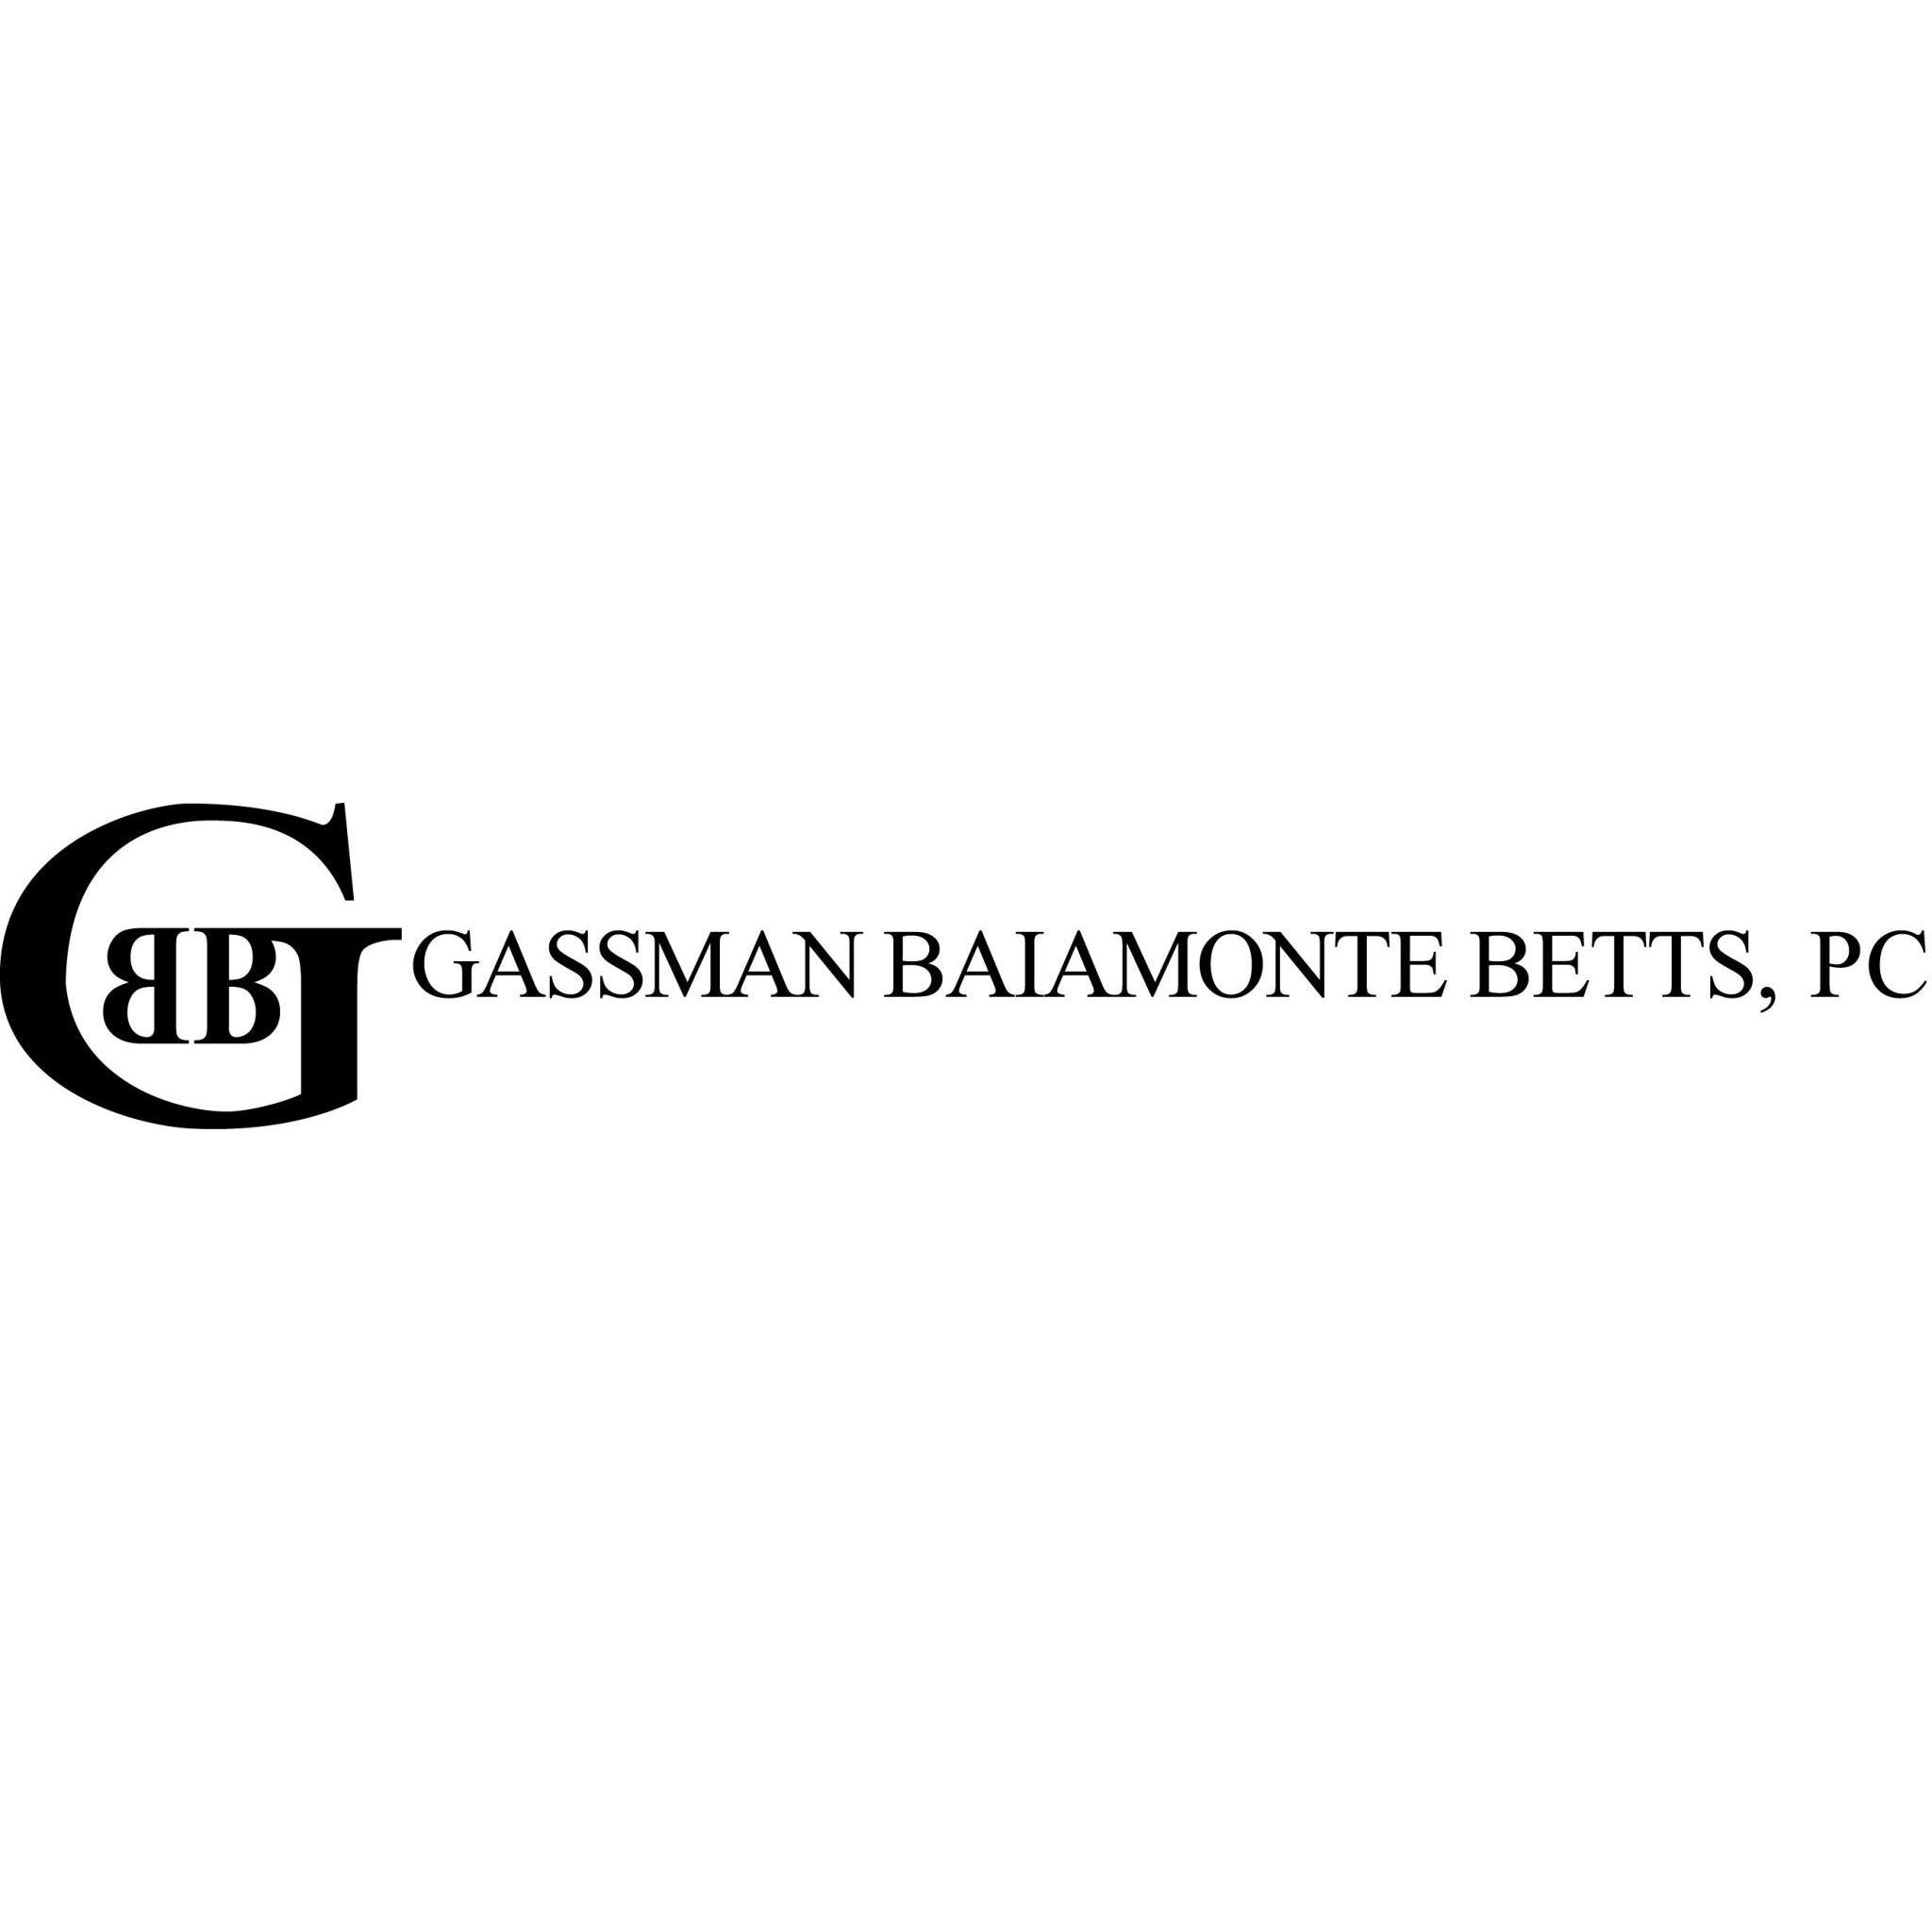 Gassman Baiamonte Gruner, P.C.